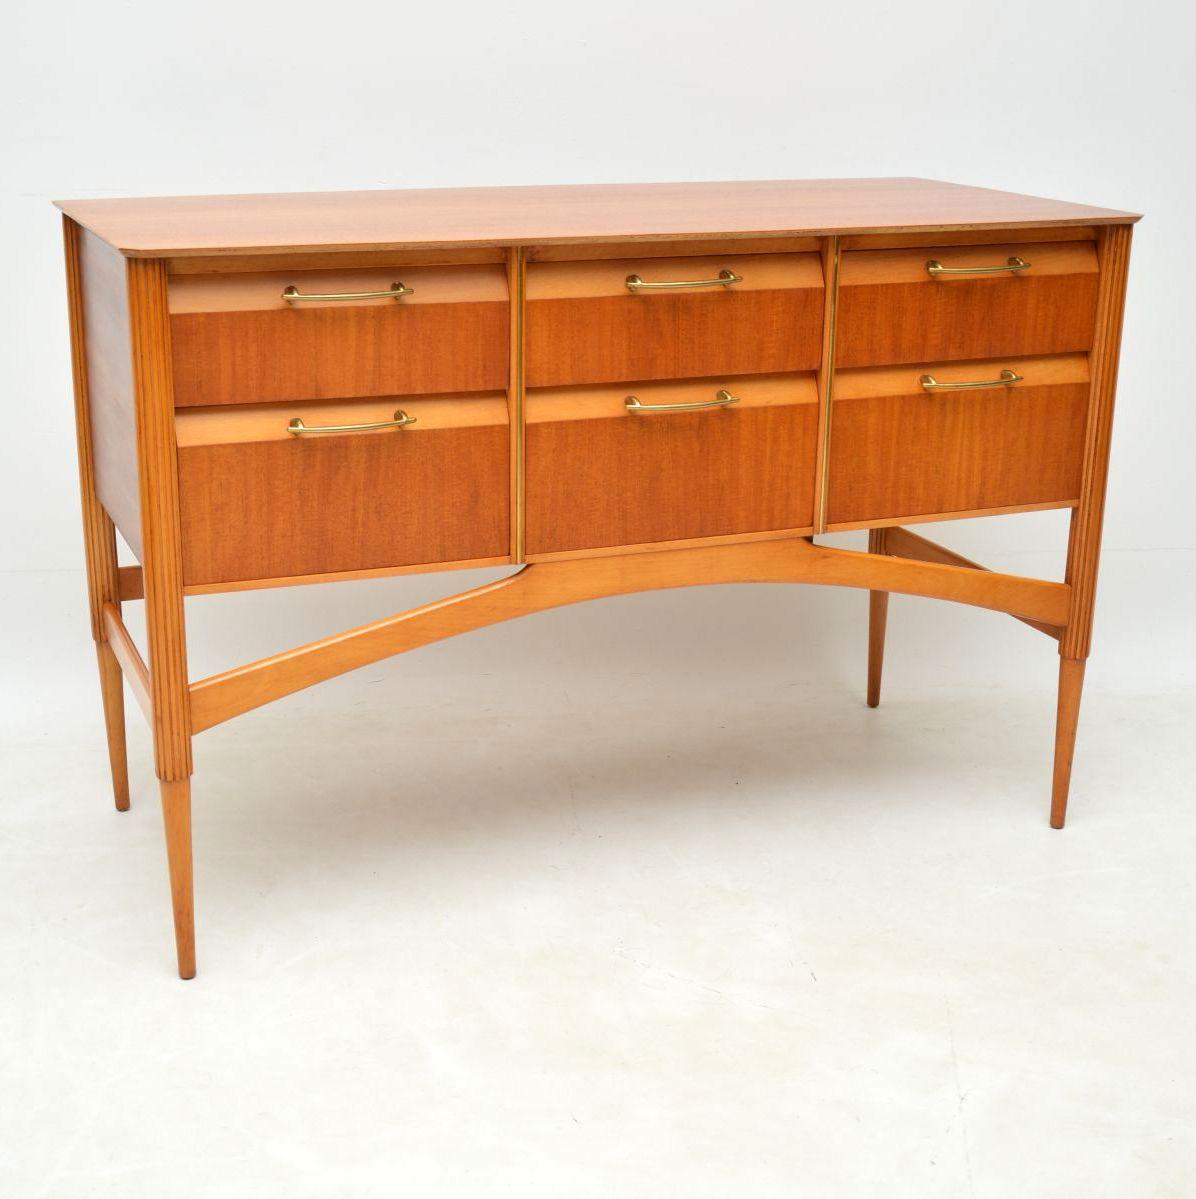 retro_vintage_satinwood_sideboard_4